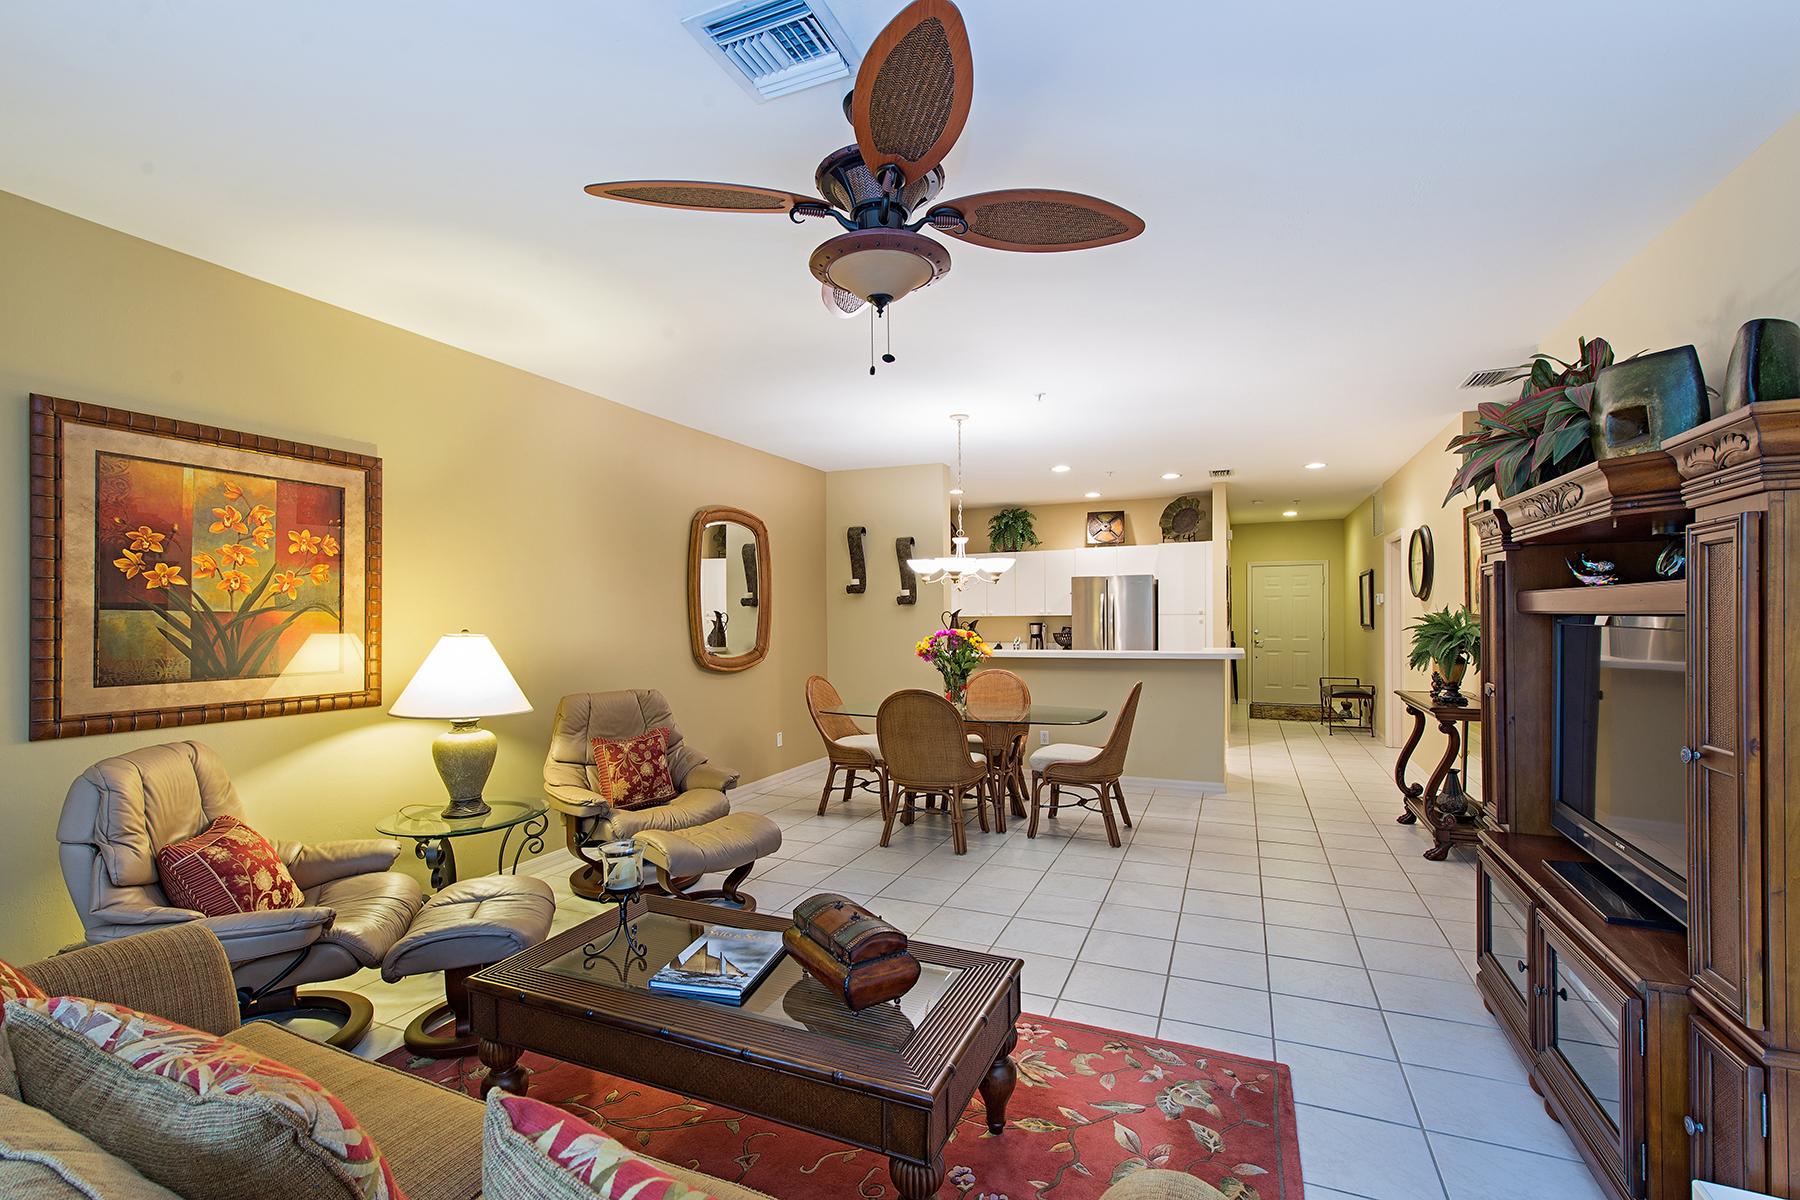 Condomínio para Venda às PELICAN LANDING - PELICAN POINTE 3461 Pointe Creek Ct 104 Bonita Springs, Florida, 34134 Estados Unidos